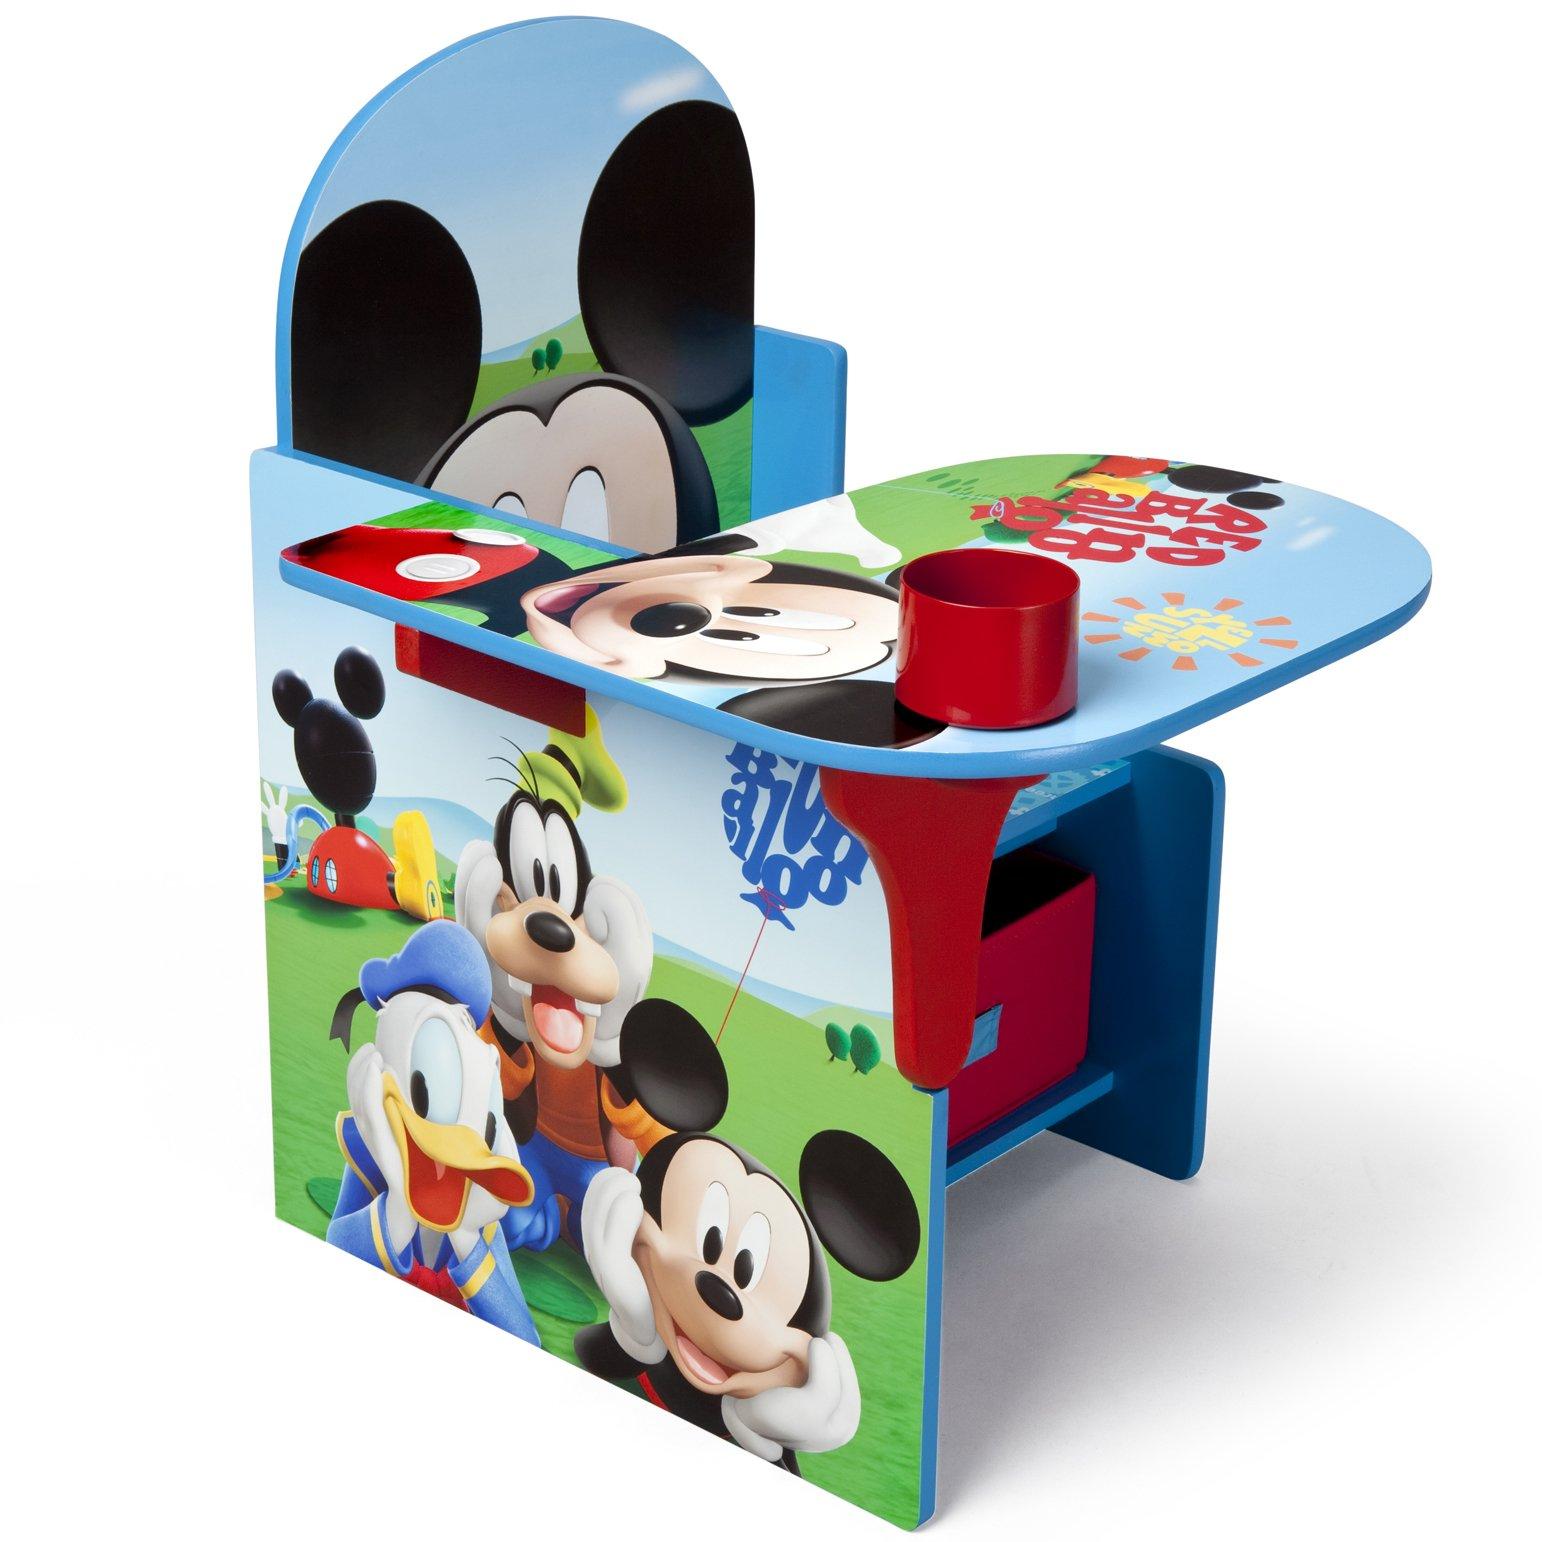 Delta Children Chair Desk With Storage Bin, Disney Mickey Mouse by Delta Children (Image #3)